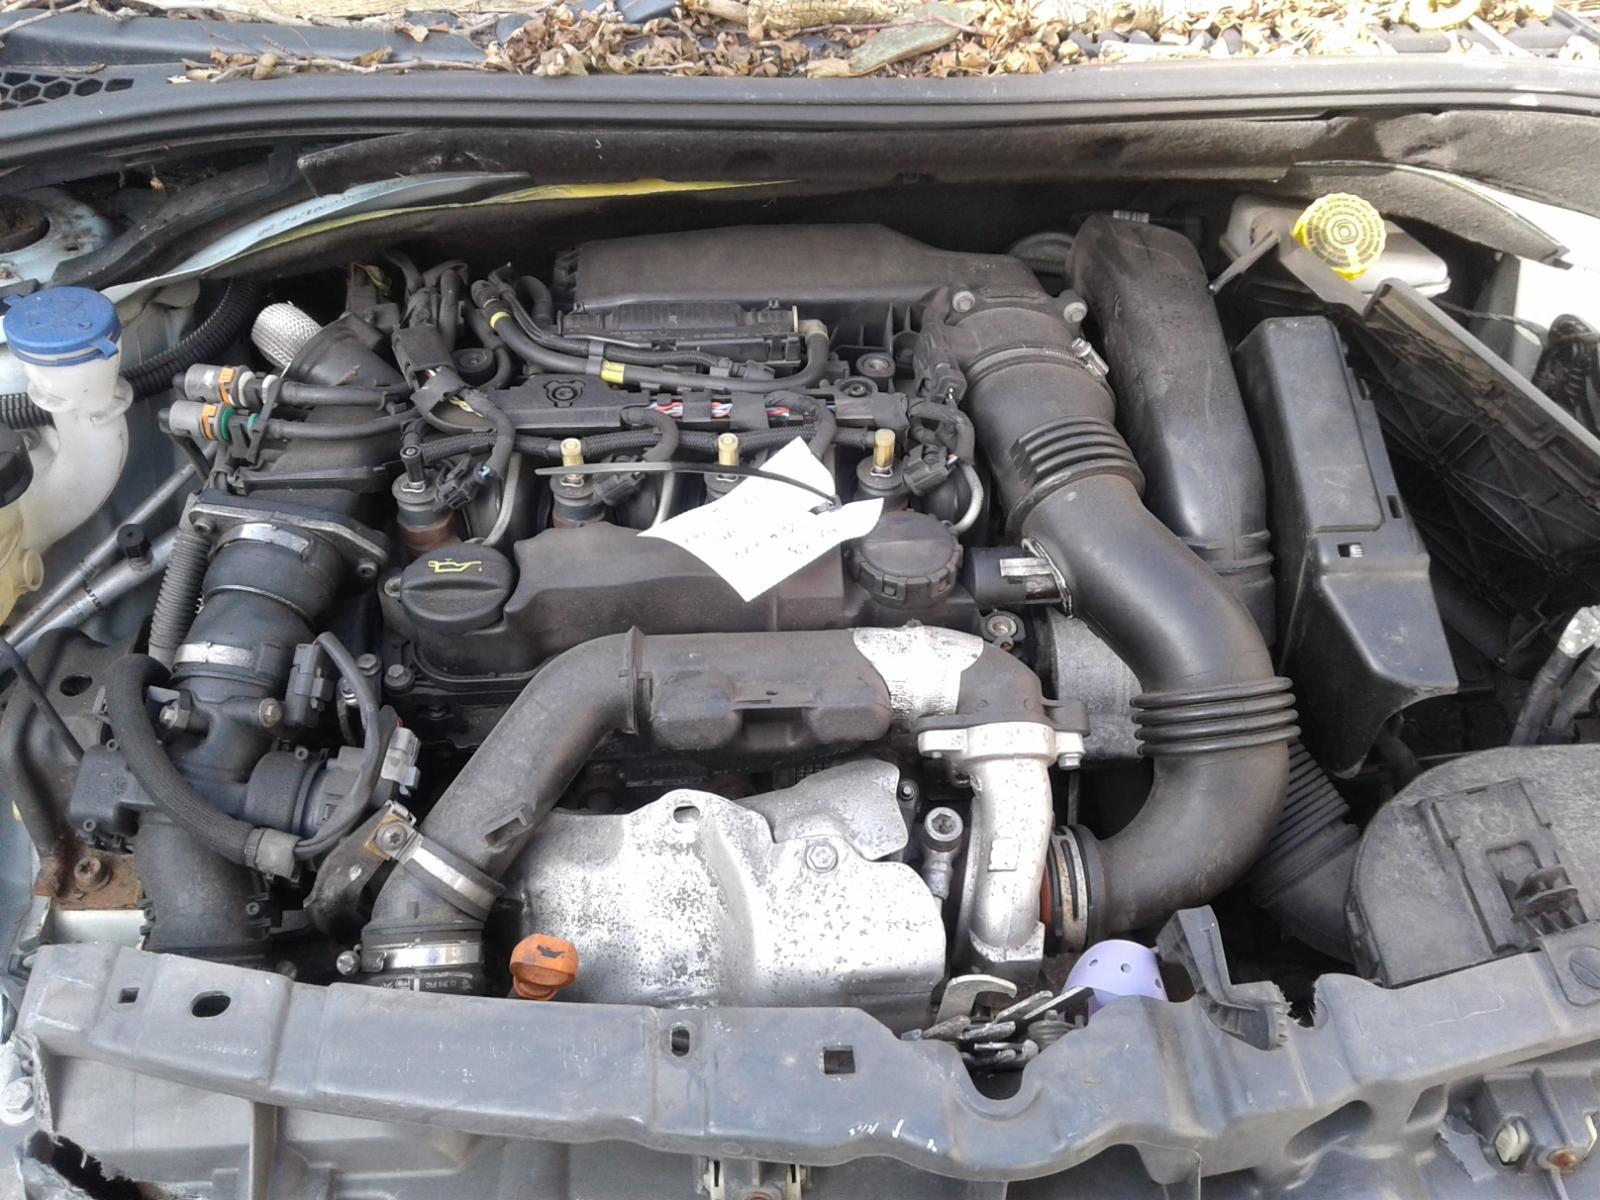 Image for a CITROEN C3 2010 5 Door Hatchback